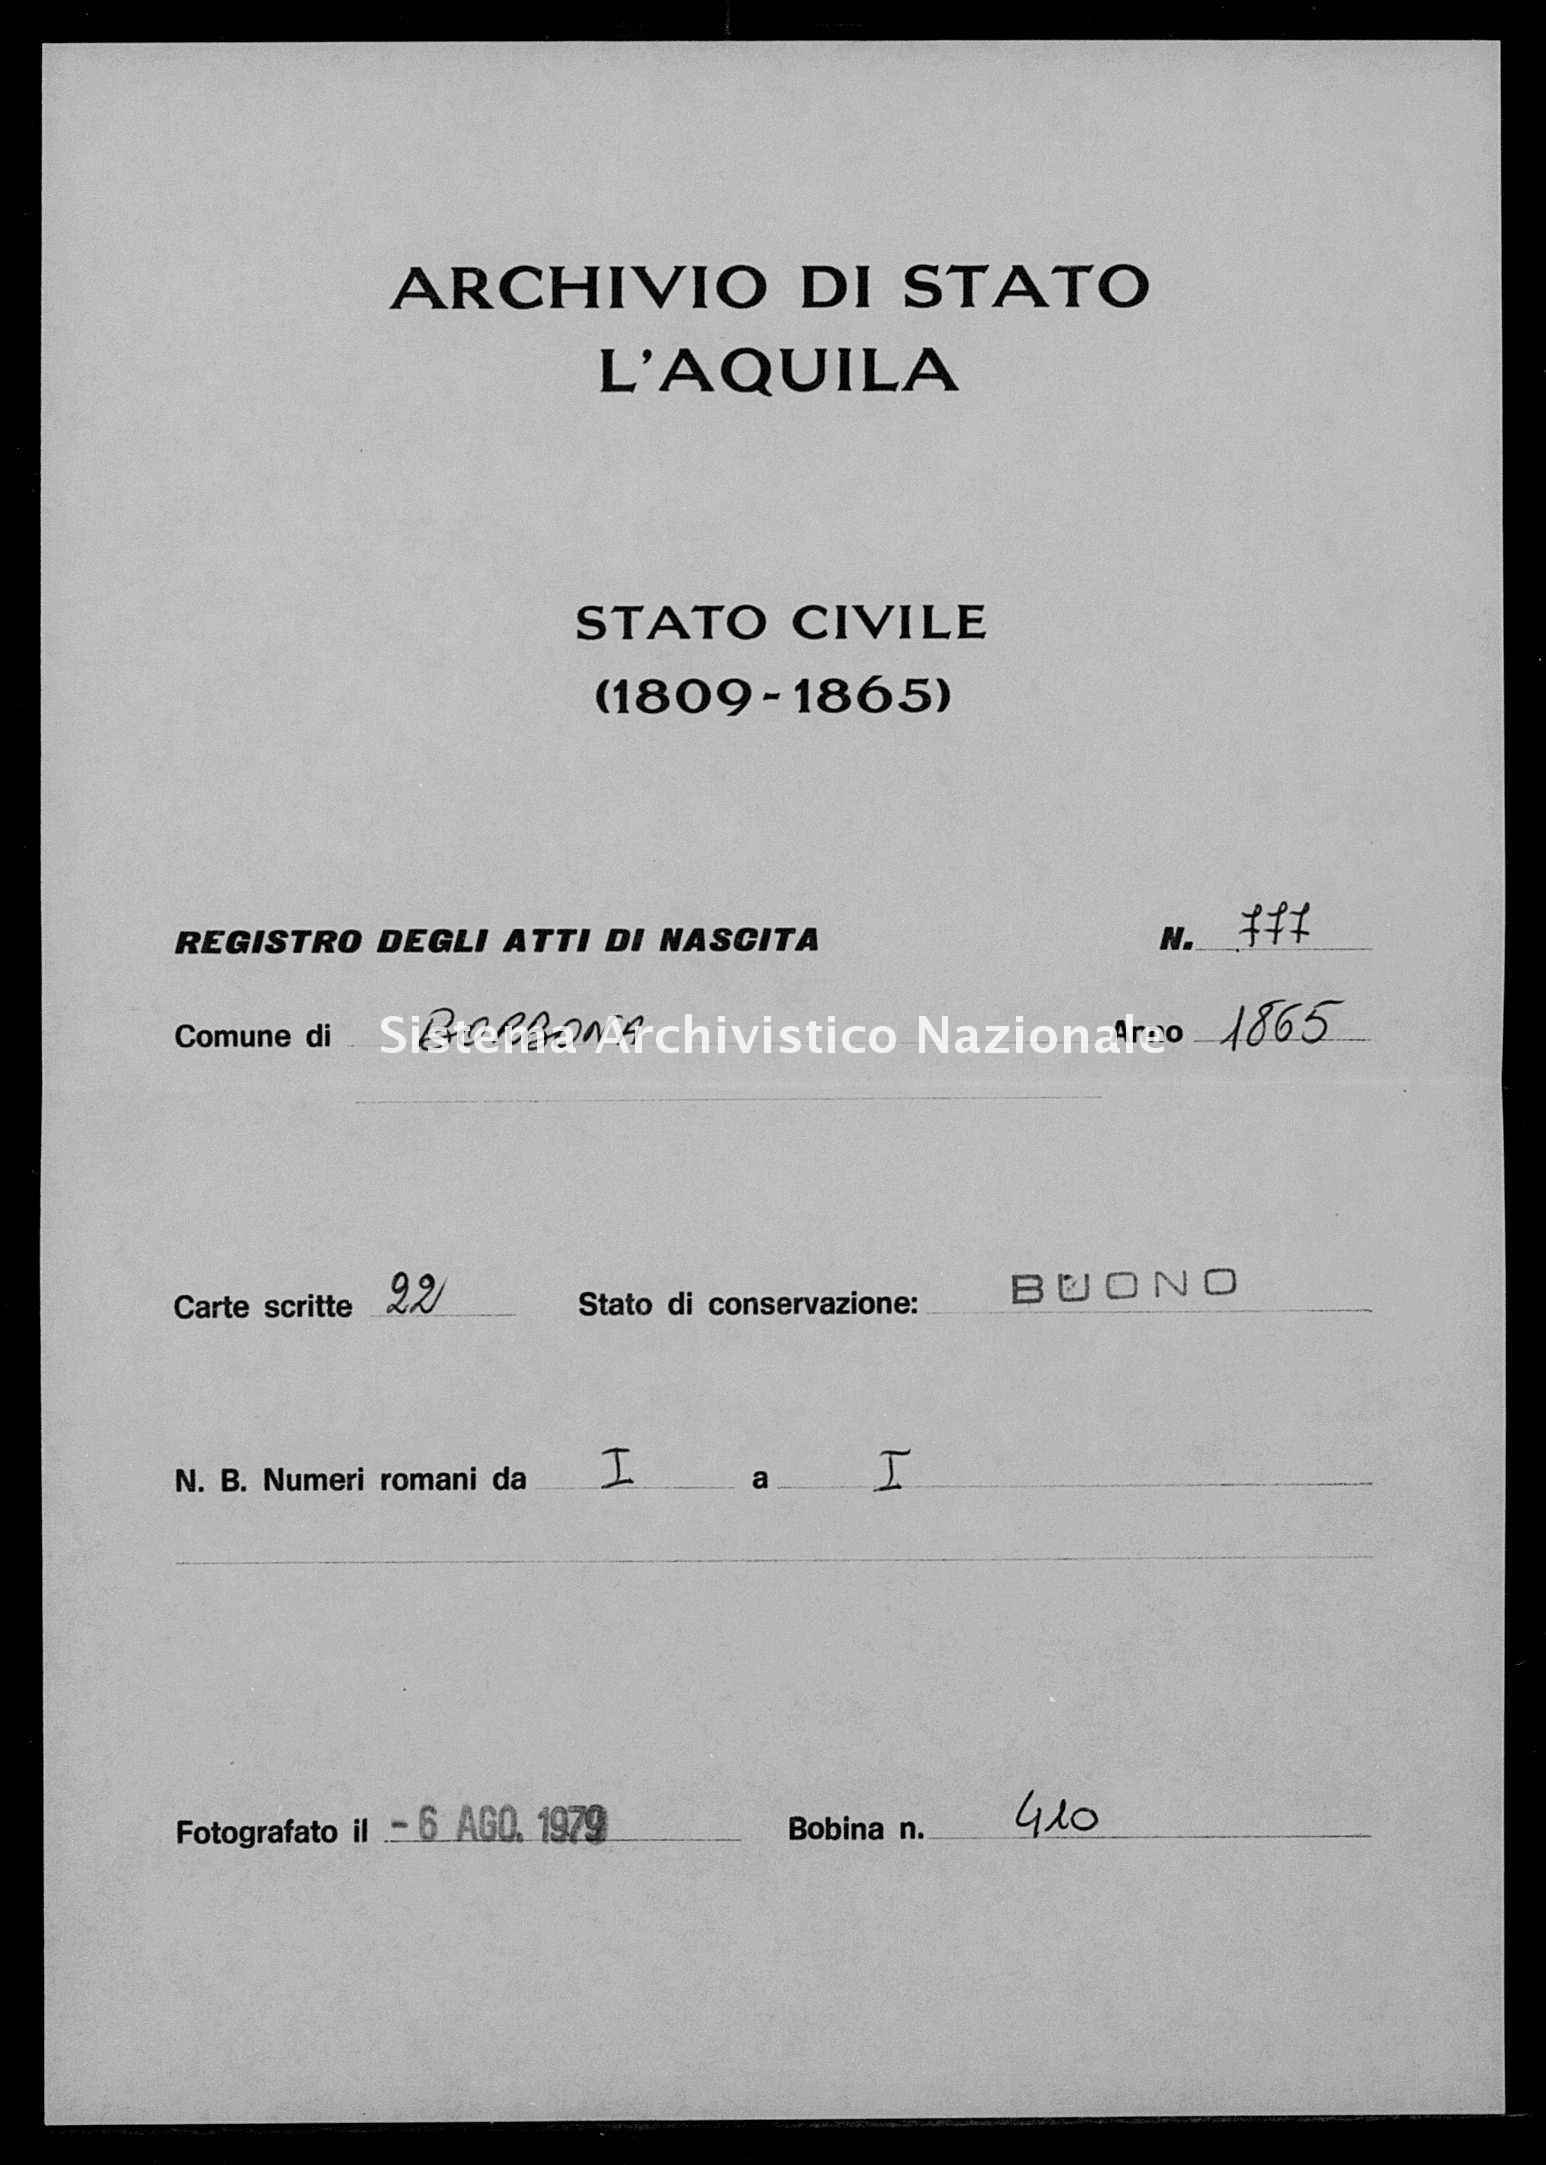 Archivio di stato di L'aquila - Stato civile italiano - Borbona - Nati - 1865 - 777 -